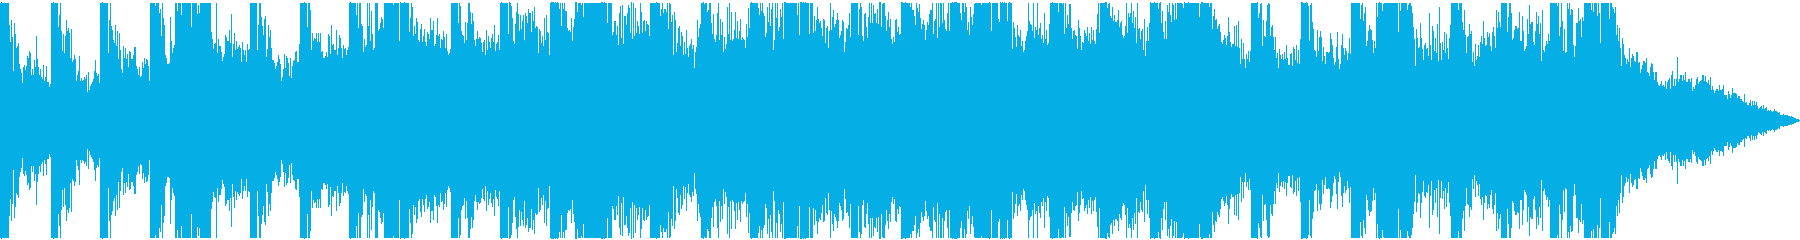 幻想的でロマンを感じるオープニングBGMの再生済みの波形